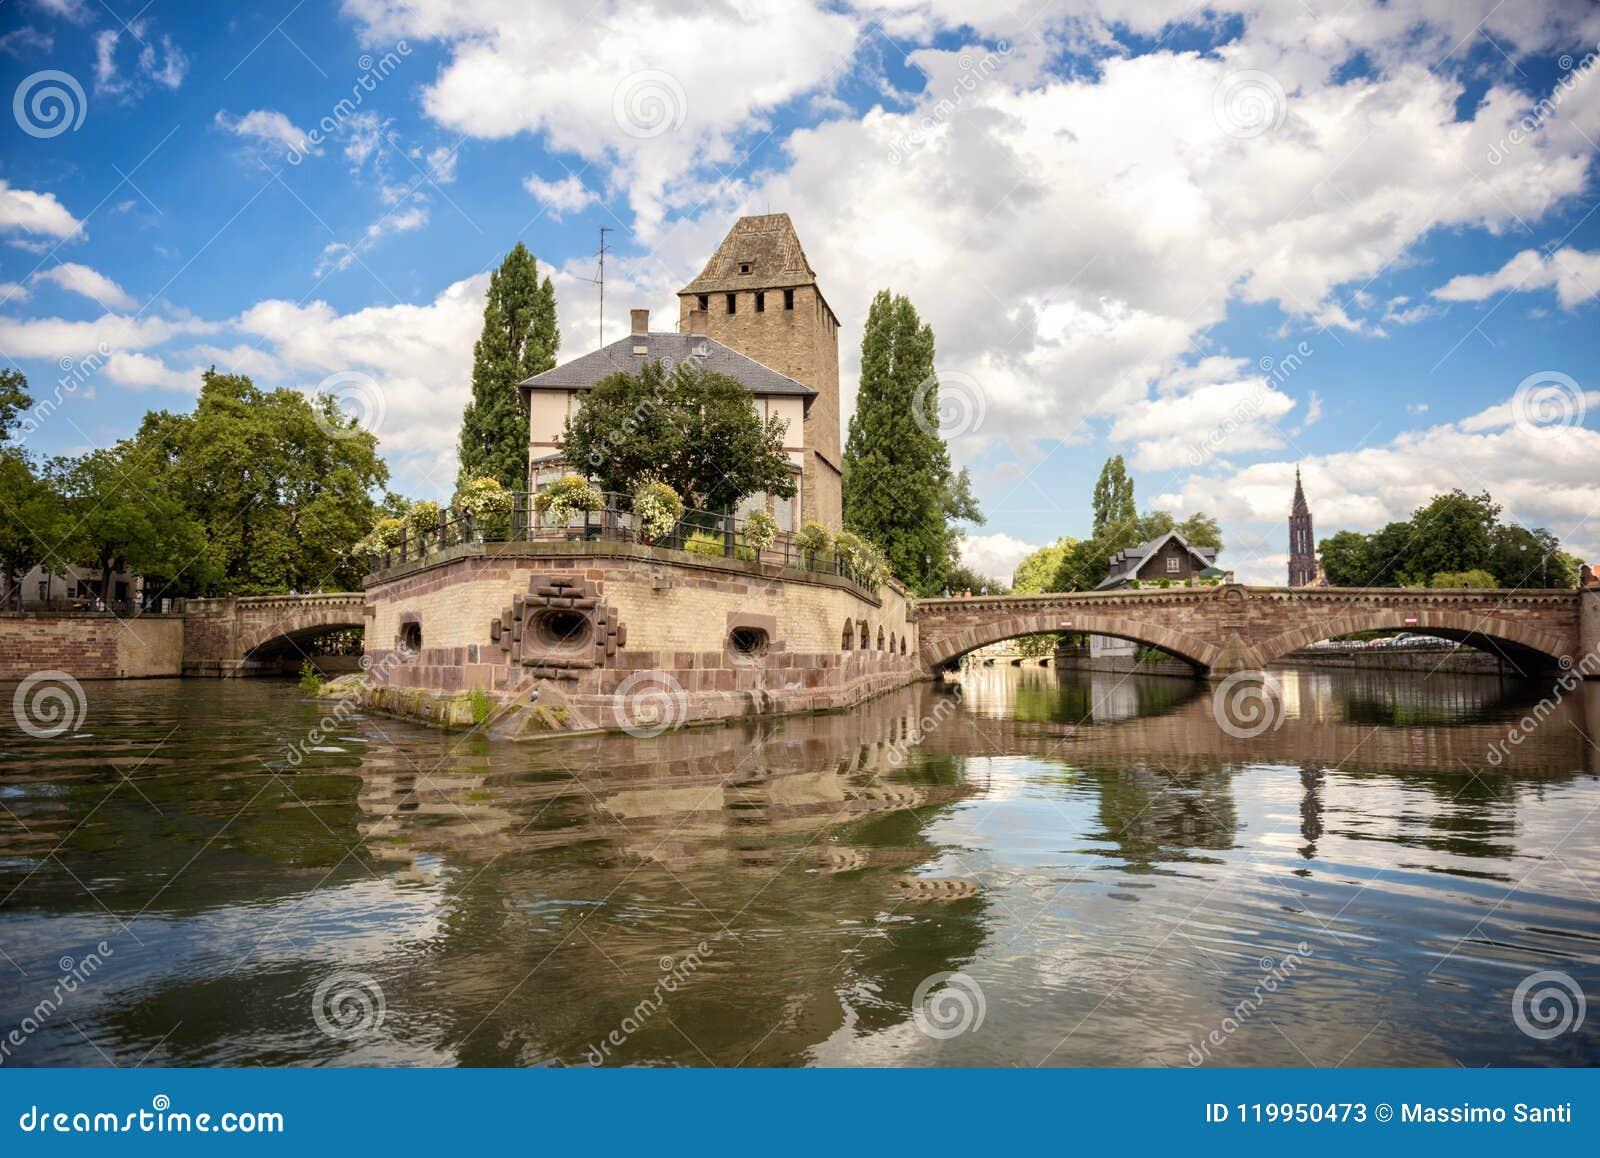 Straßburg, mittelalterliche Brücke Ponts Couverts im touristischer Bereich ` Petite France -` Elsass, Frankreich